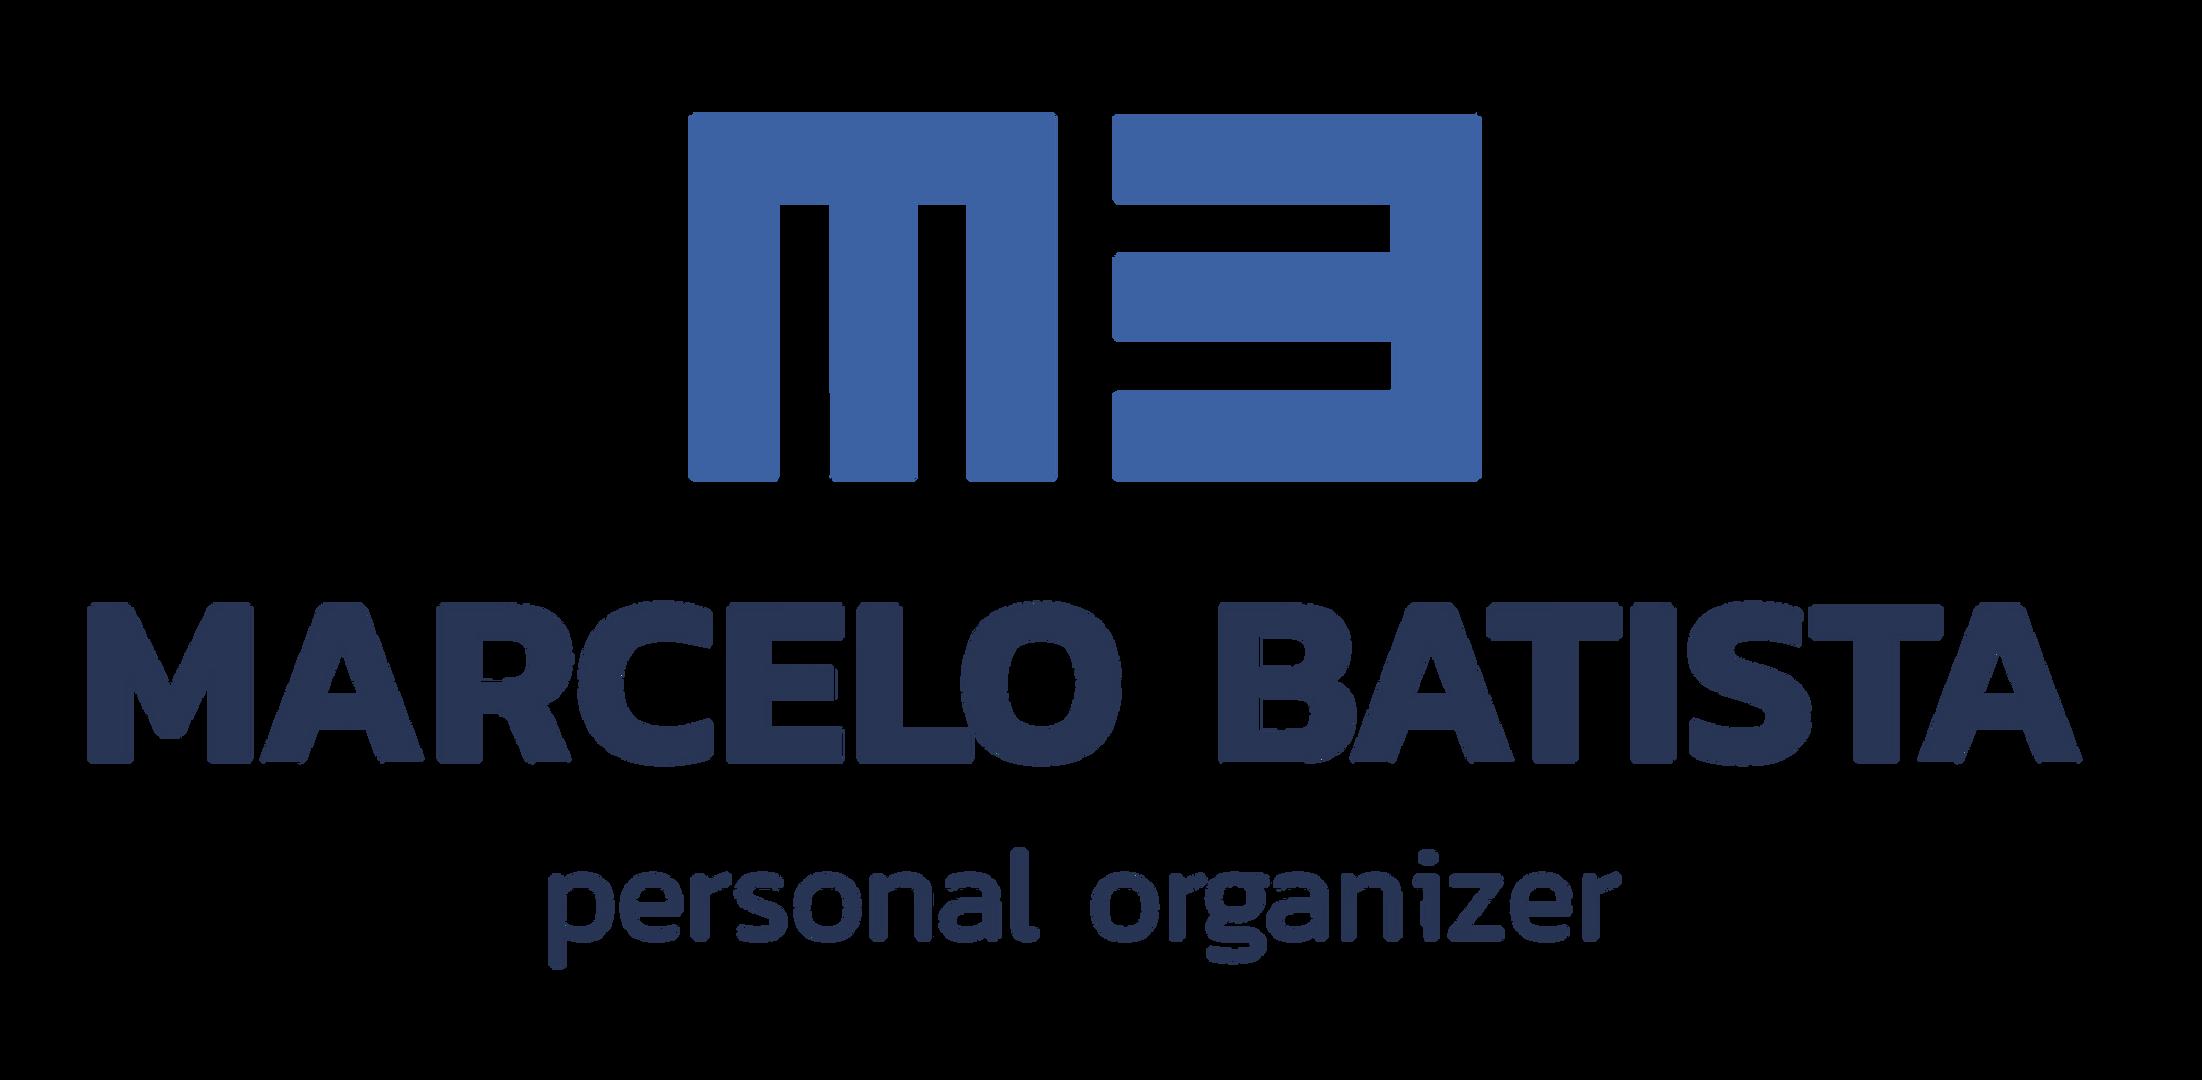 Marcelo Batista - Personal Organizer